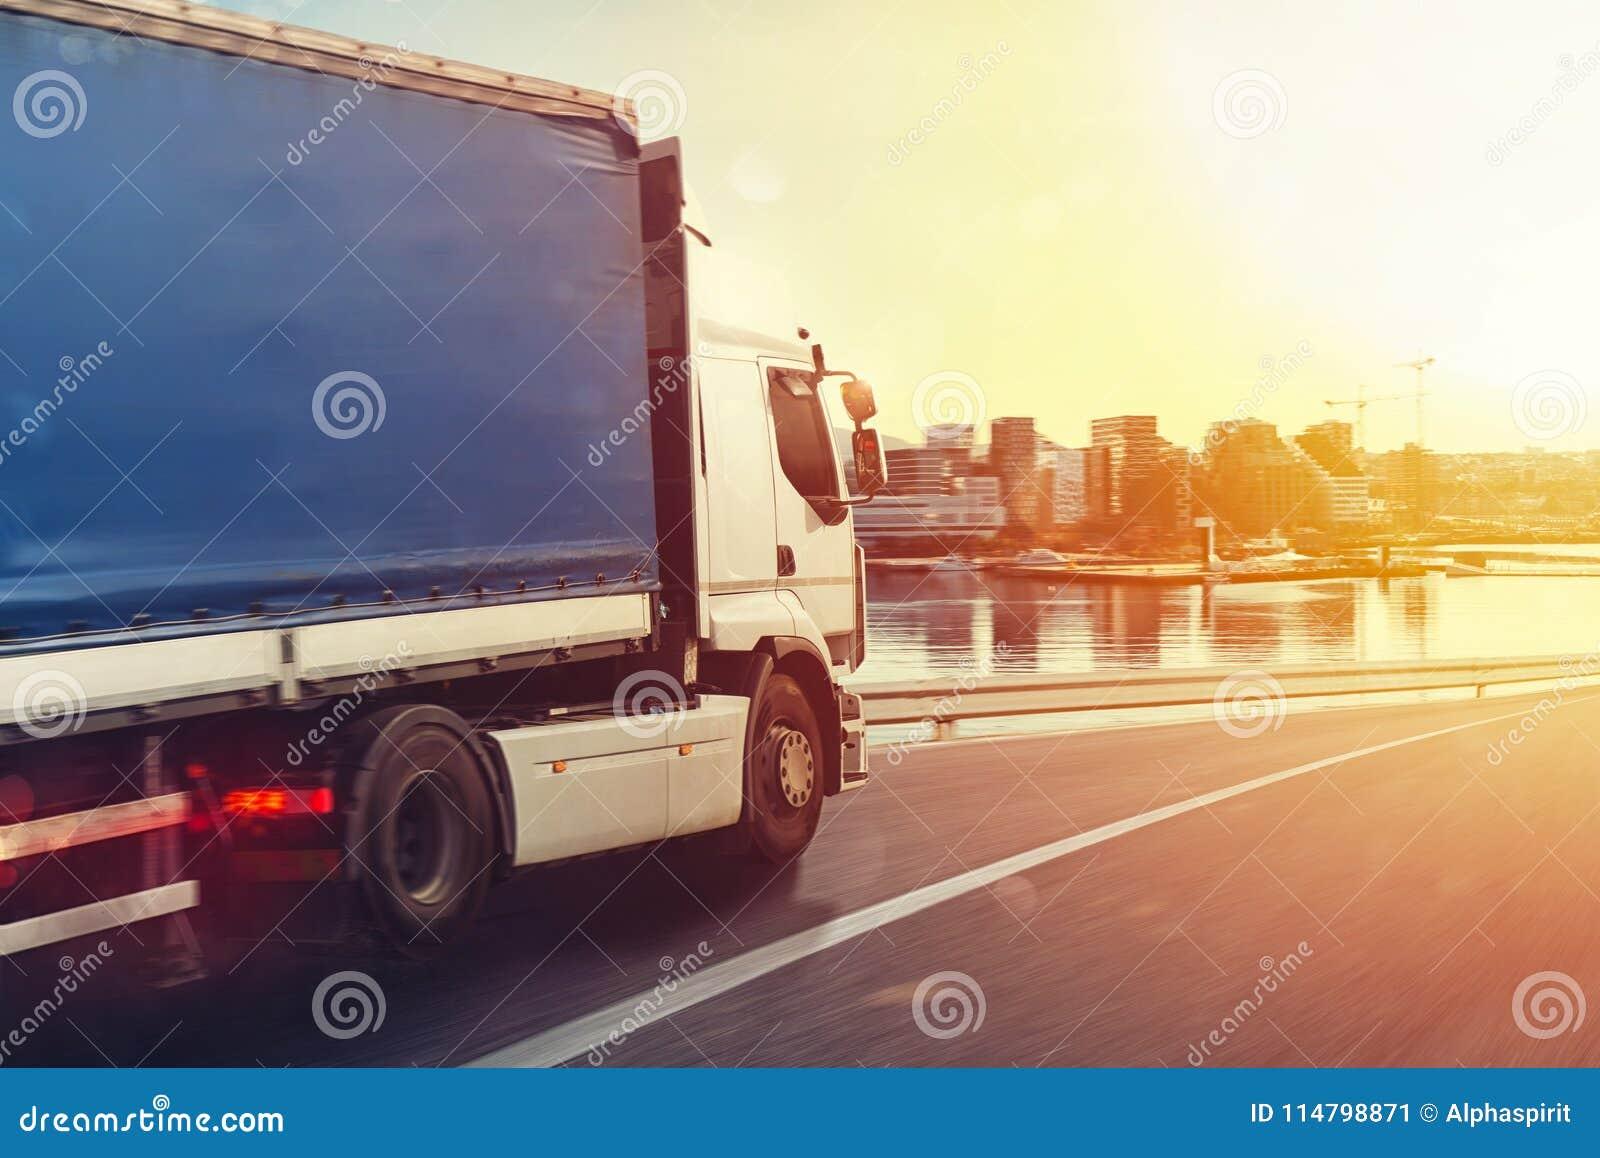 O caminhão corre rapidamente na estrada para entregar